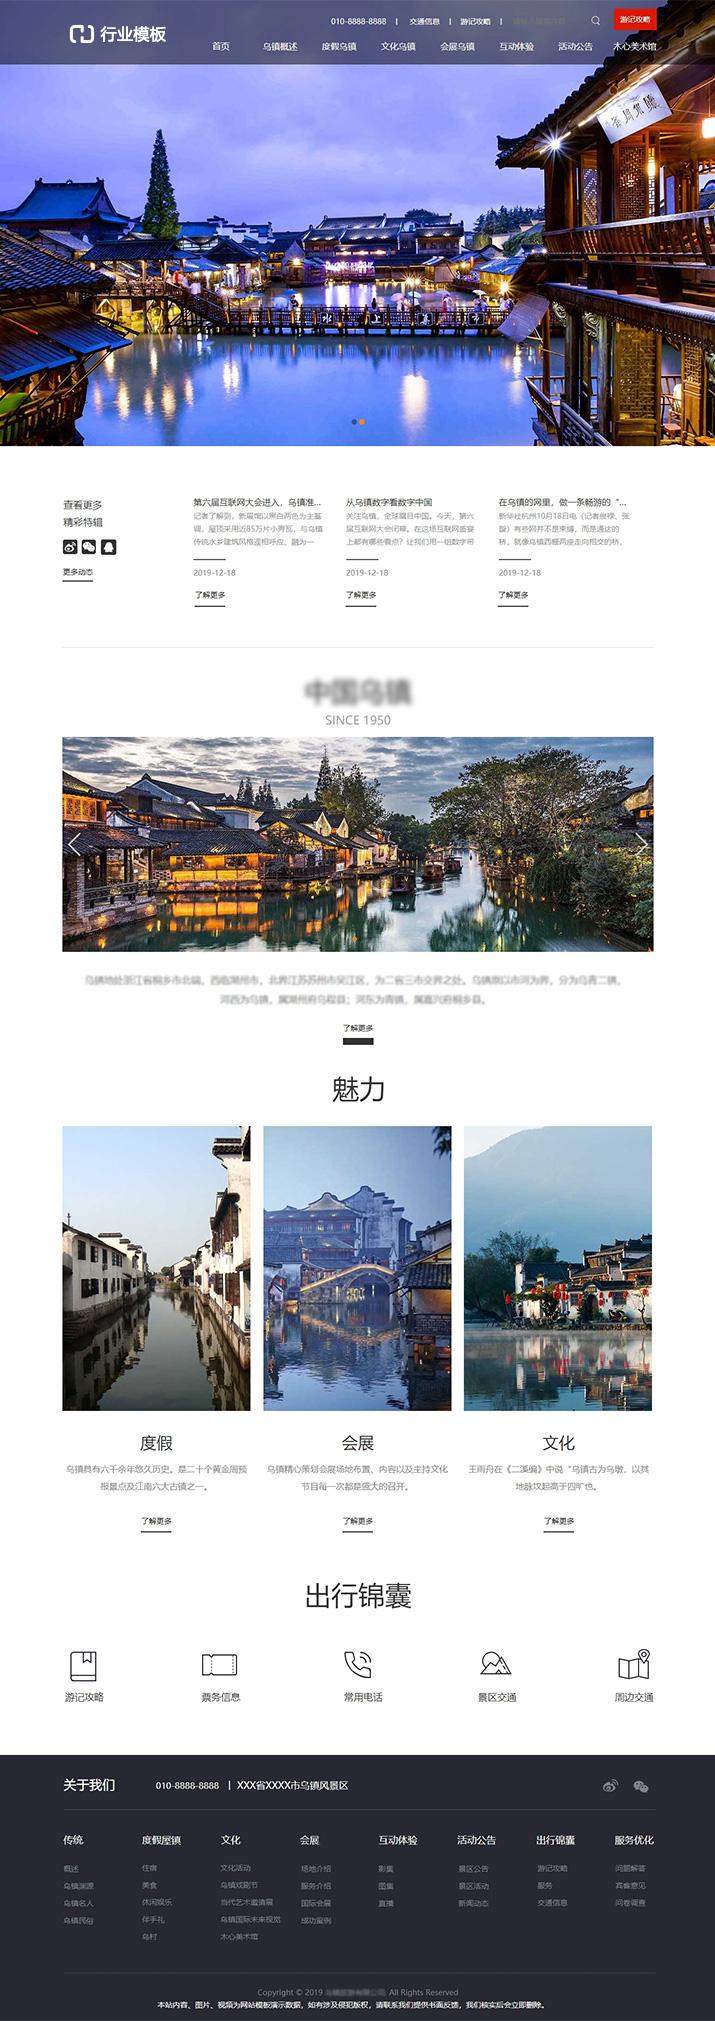 乌镇旅游网站免费模板